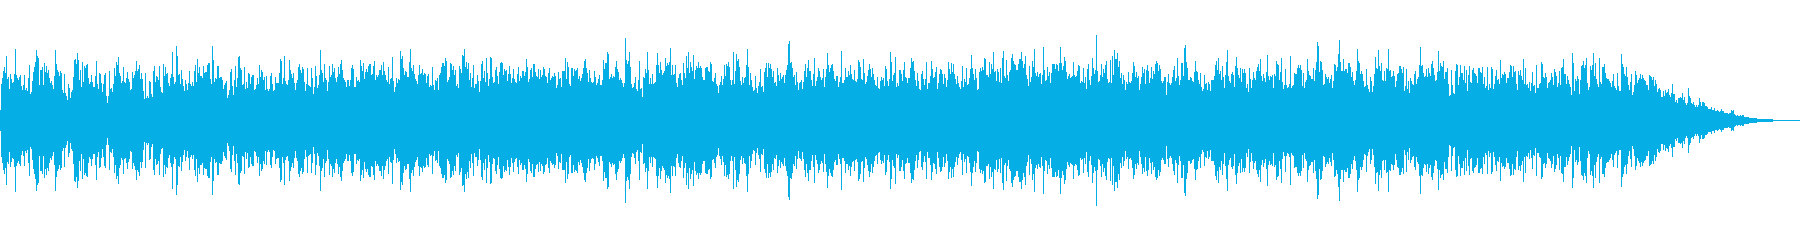 緊急アグレッシブUPBEAT ST...の再生済みの波形